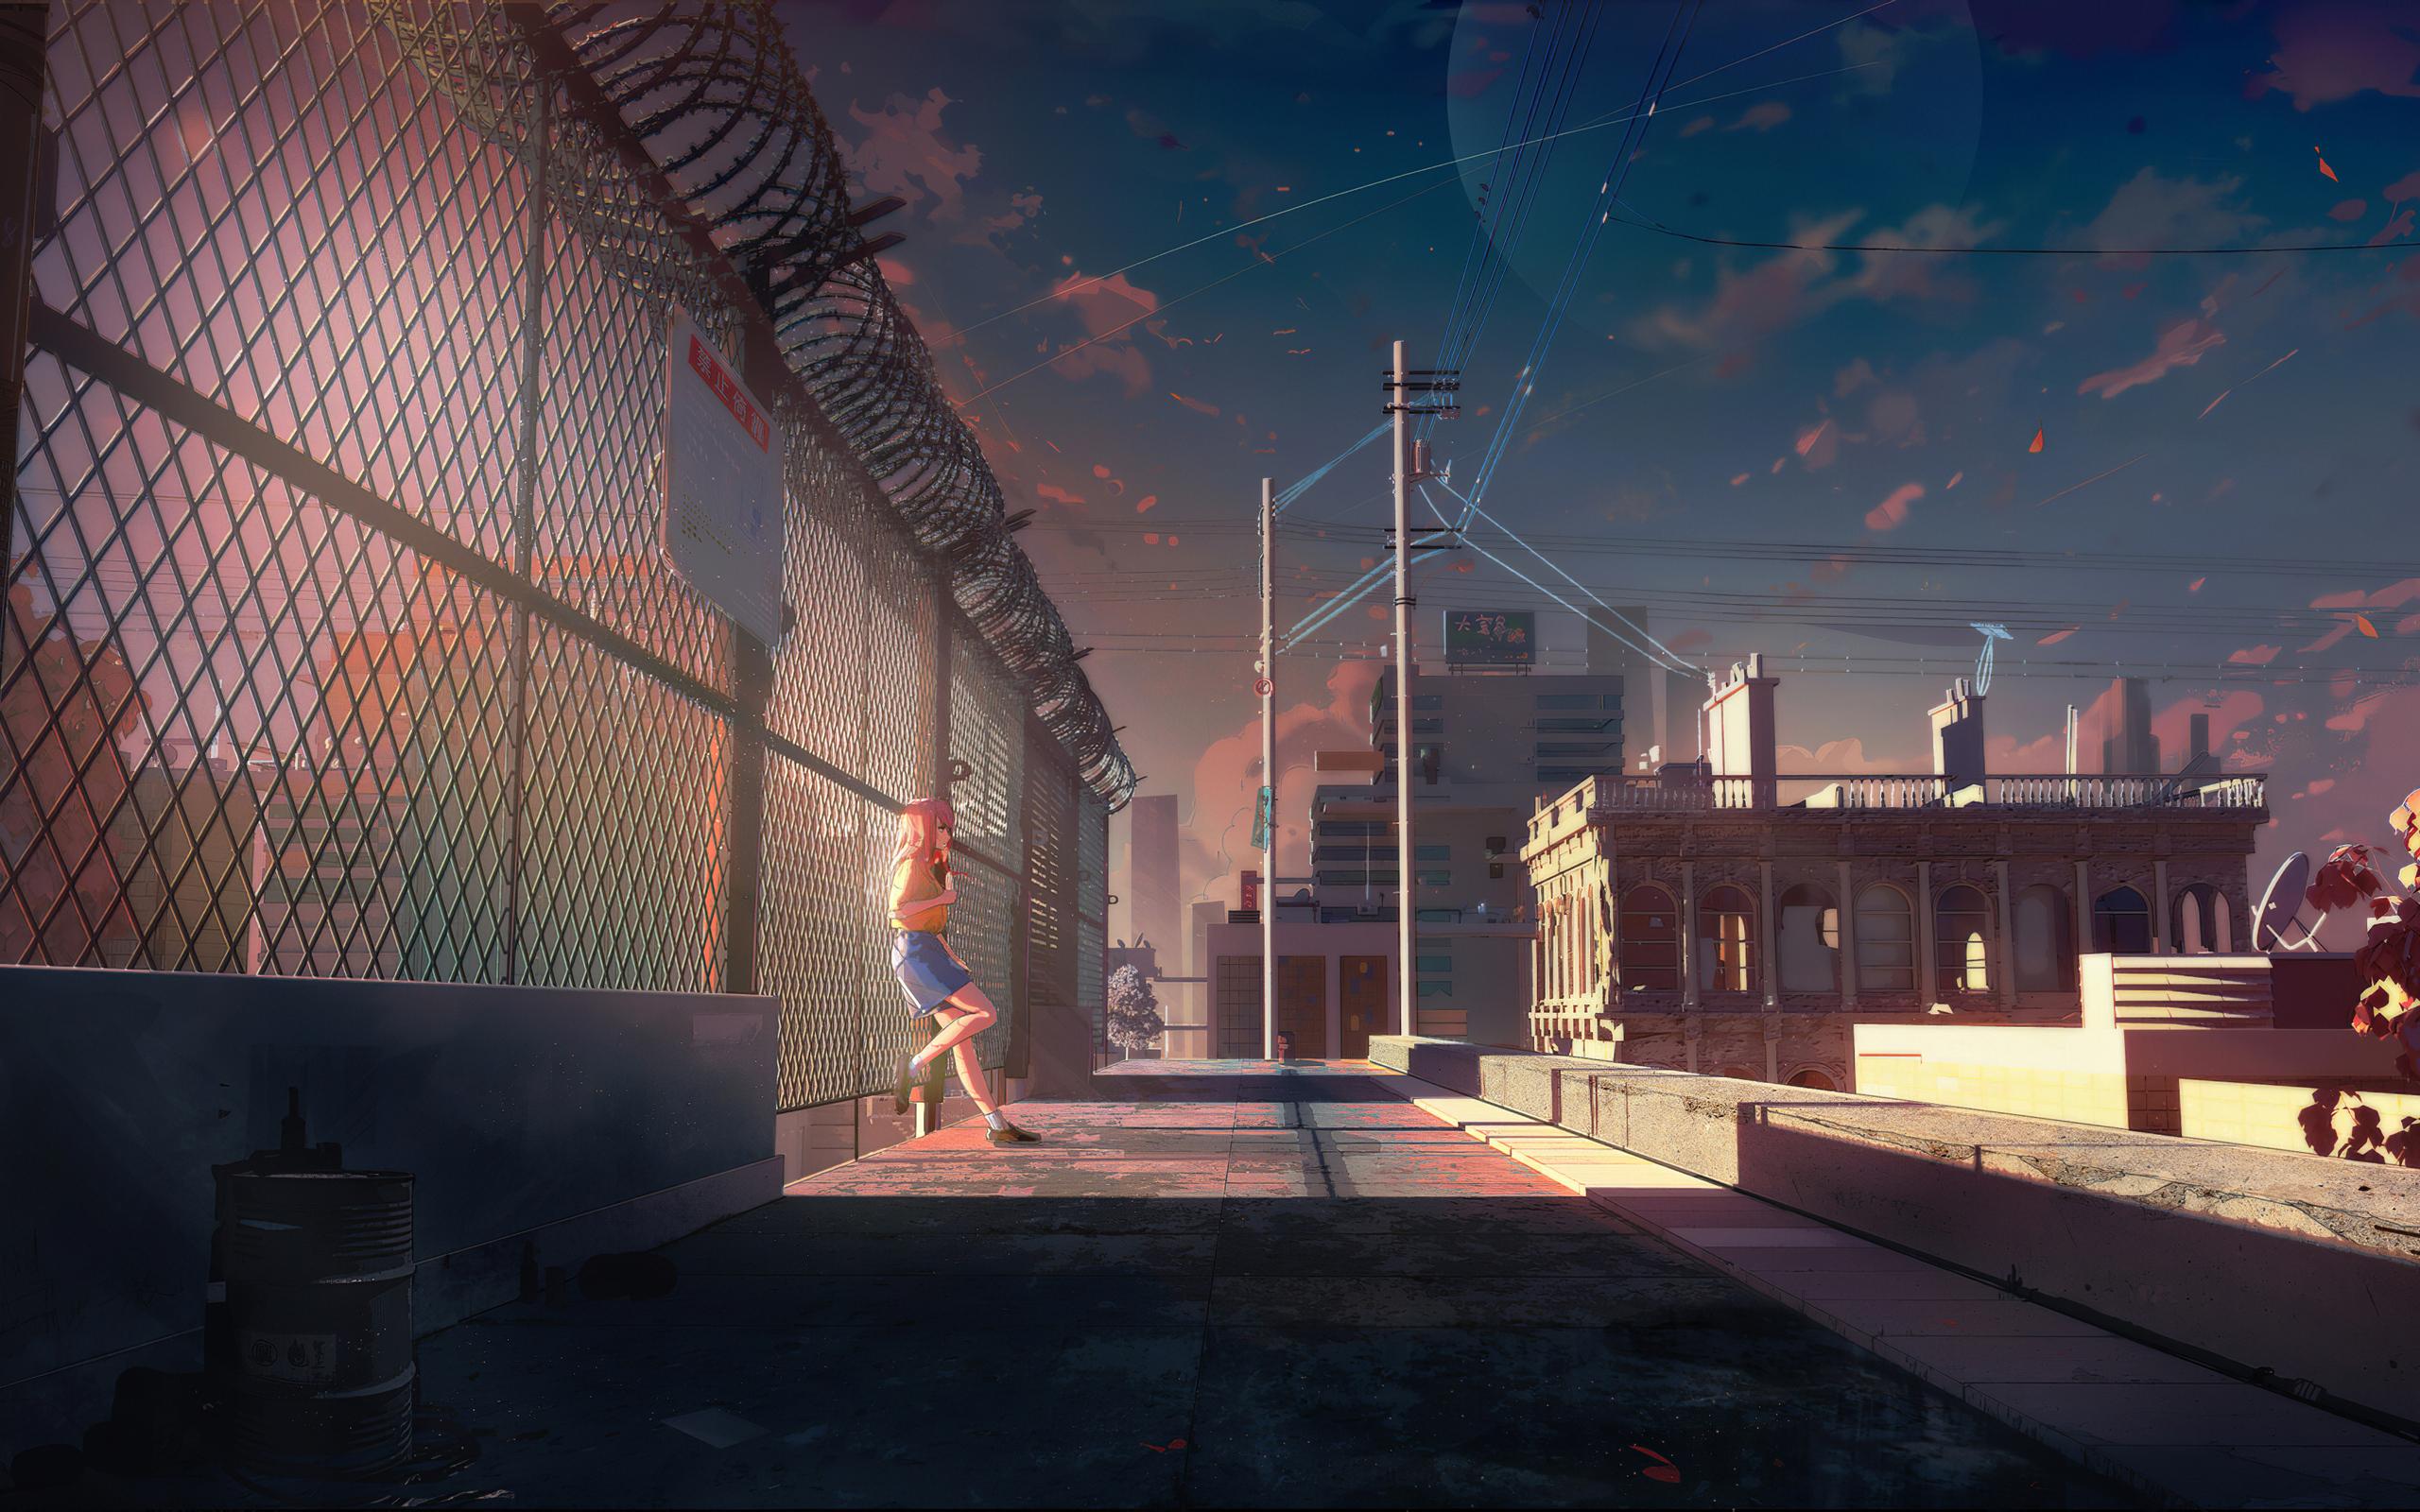 anime-girl-standing-beside-fence-4k-9s.jpg